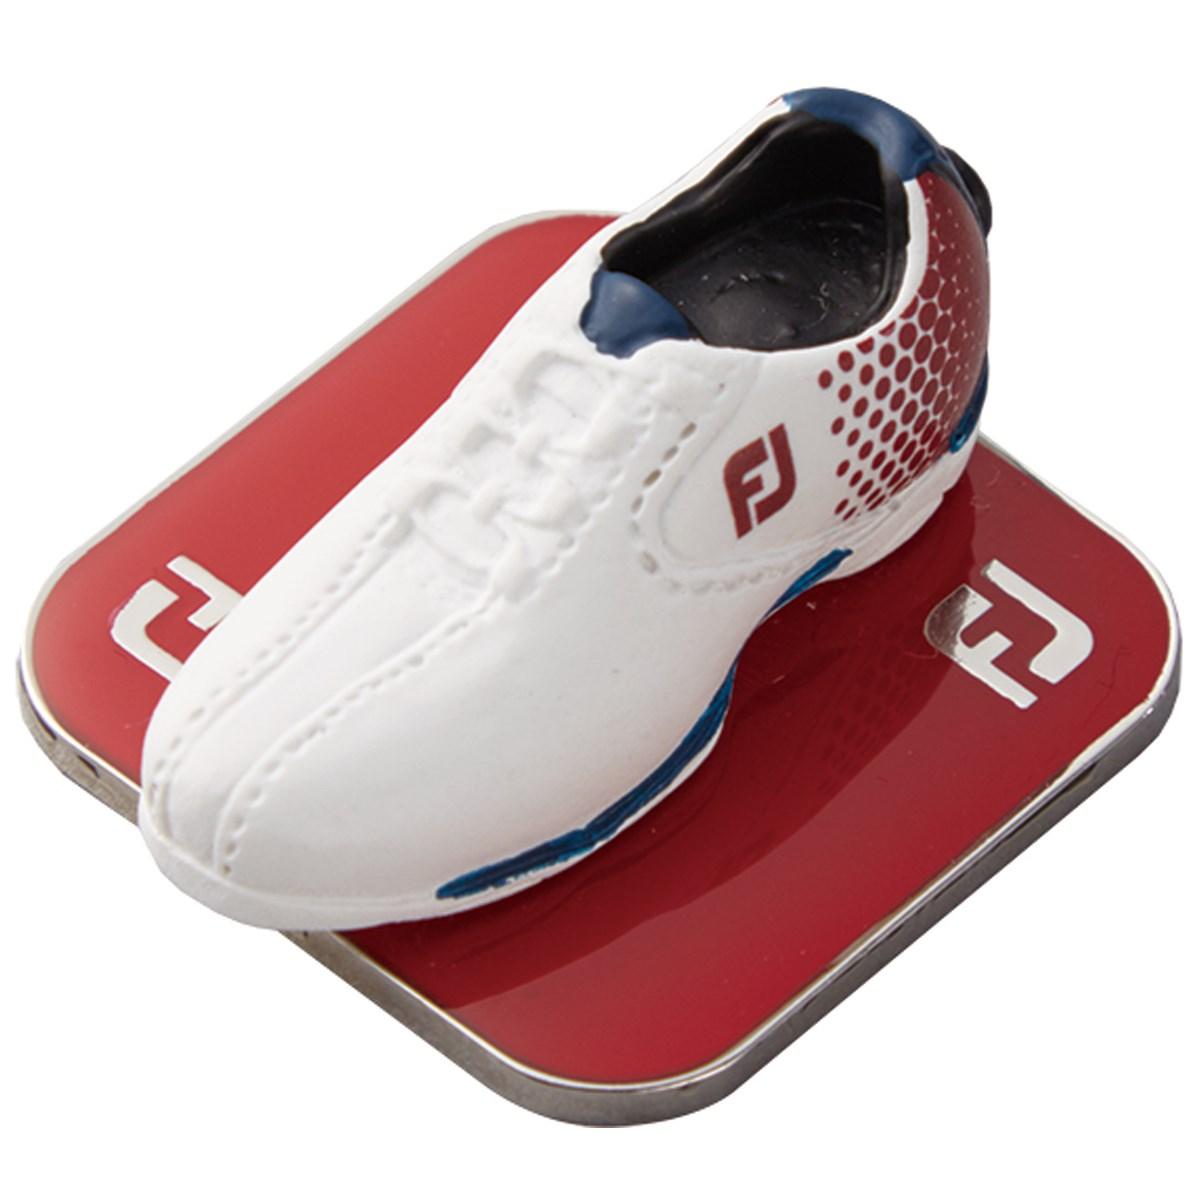 フットジョイ Foot Joy スタイル1 ボールマーカー ホワイト/レッド